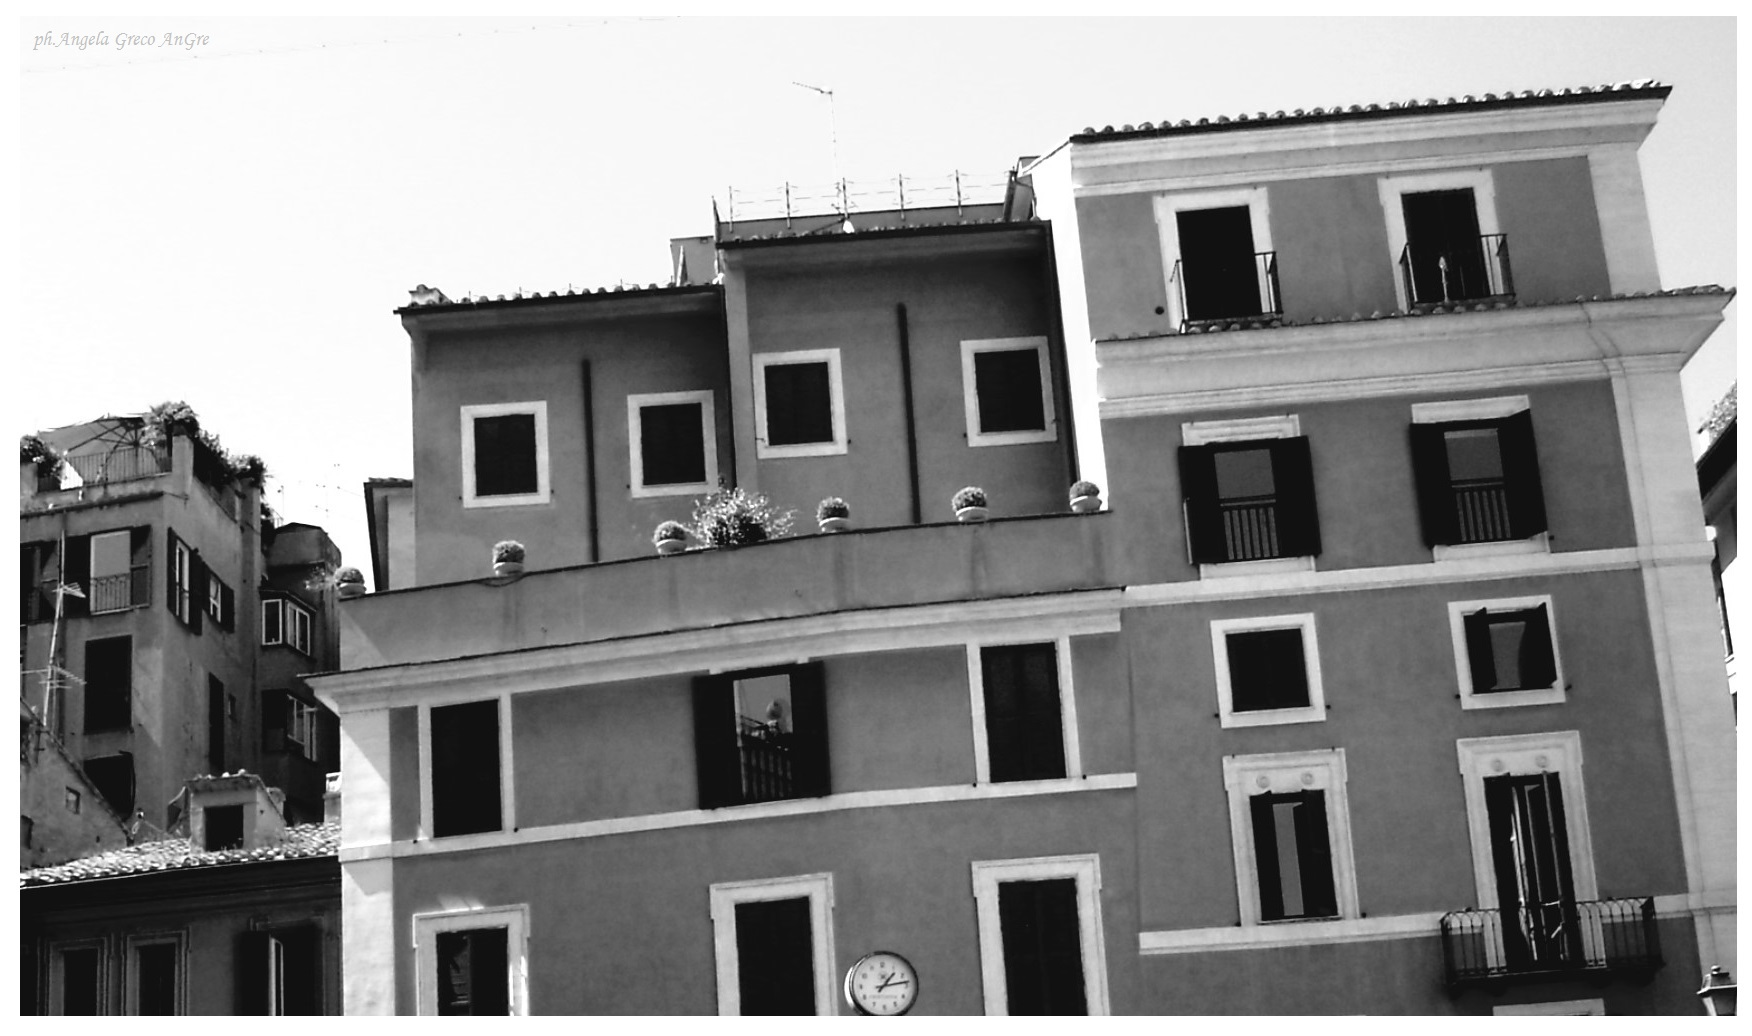 Roma ora di pranzo di Angela Greco